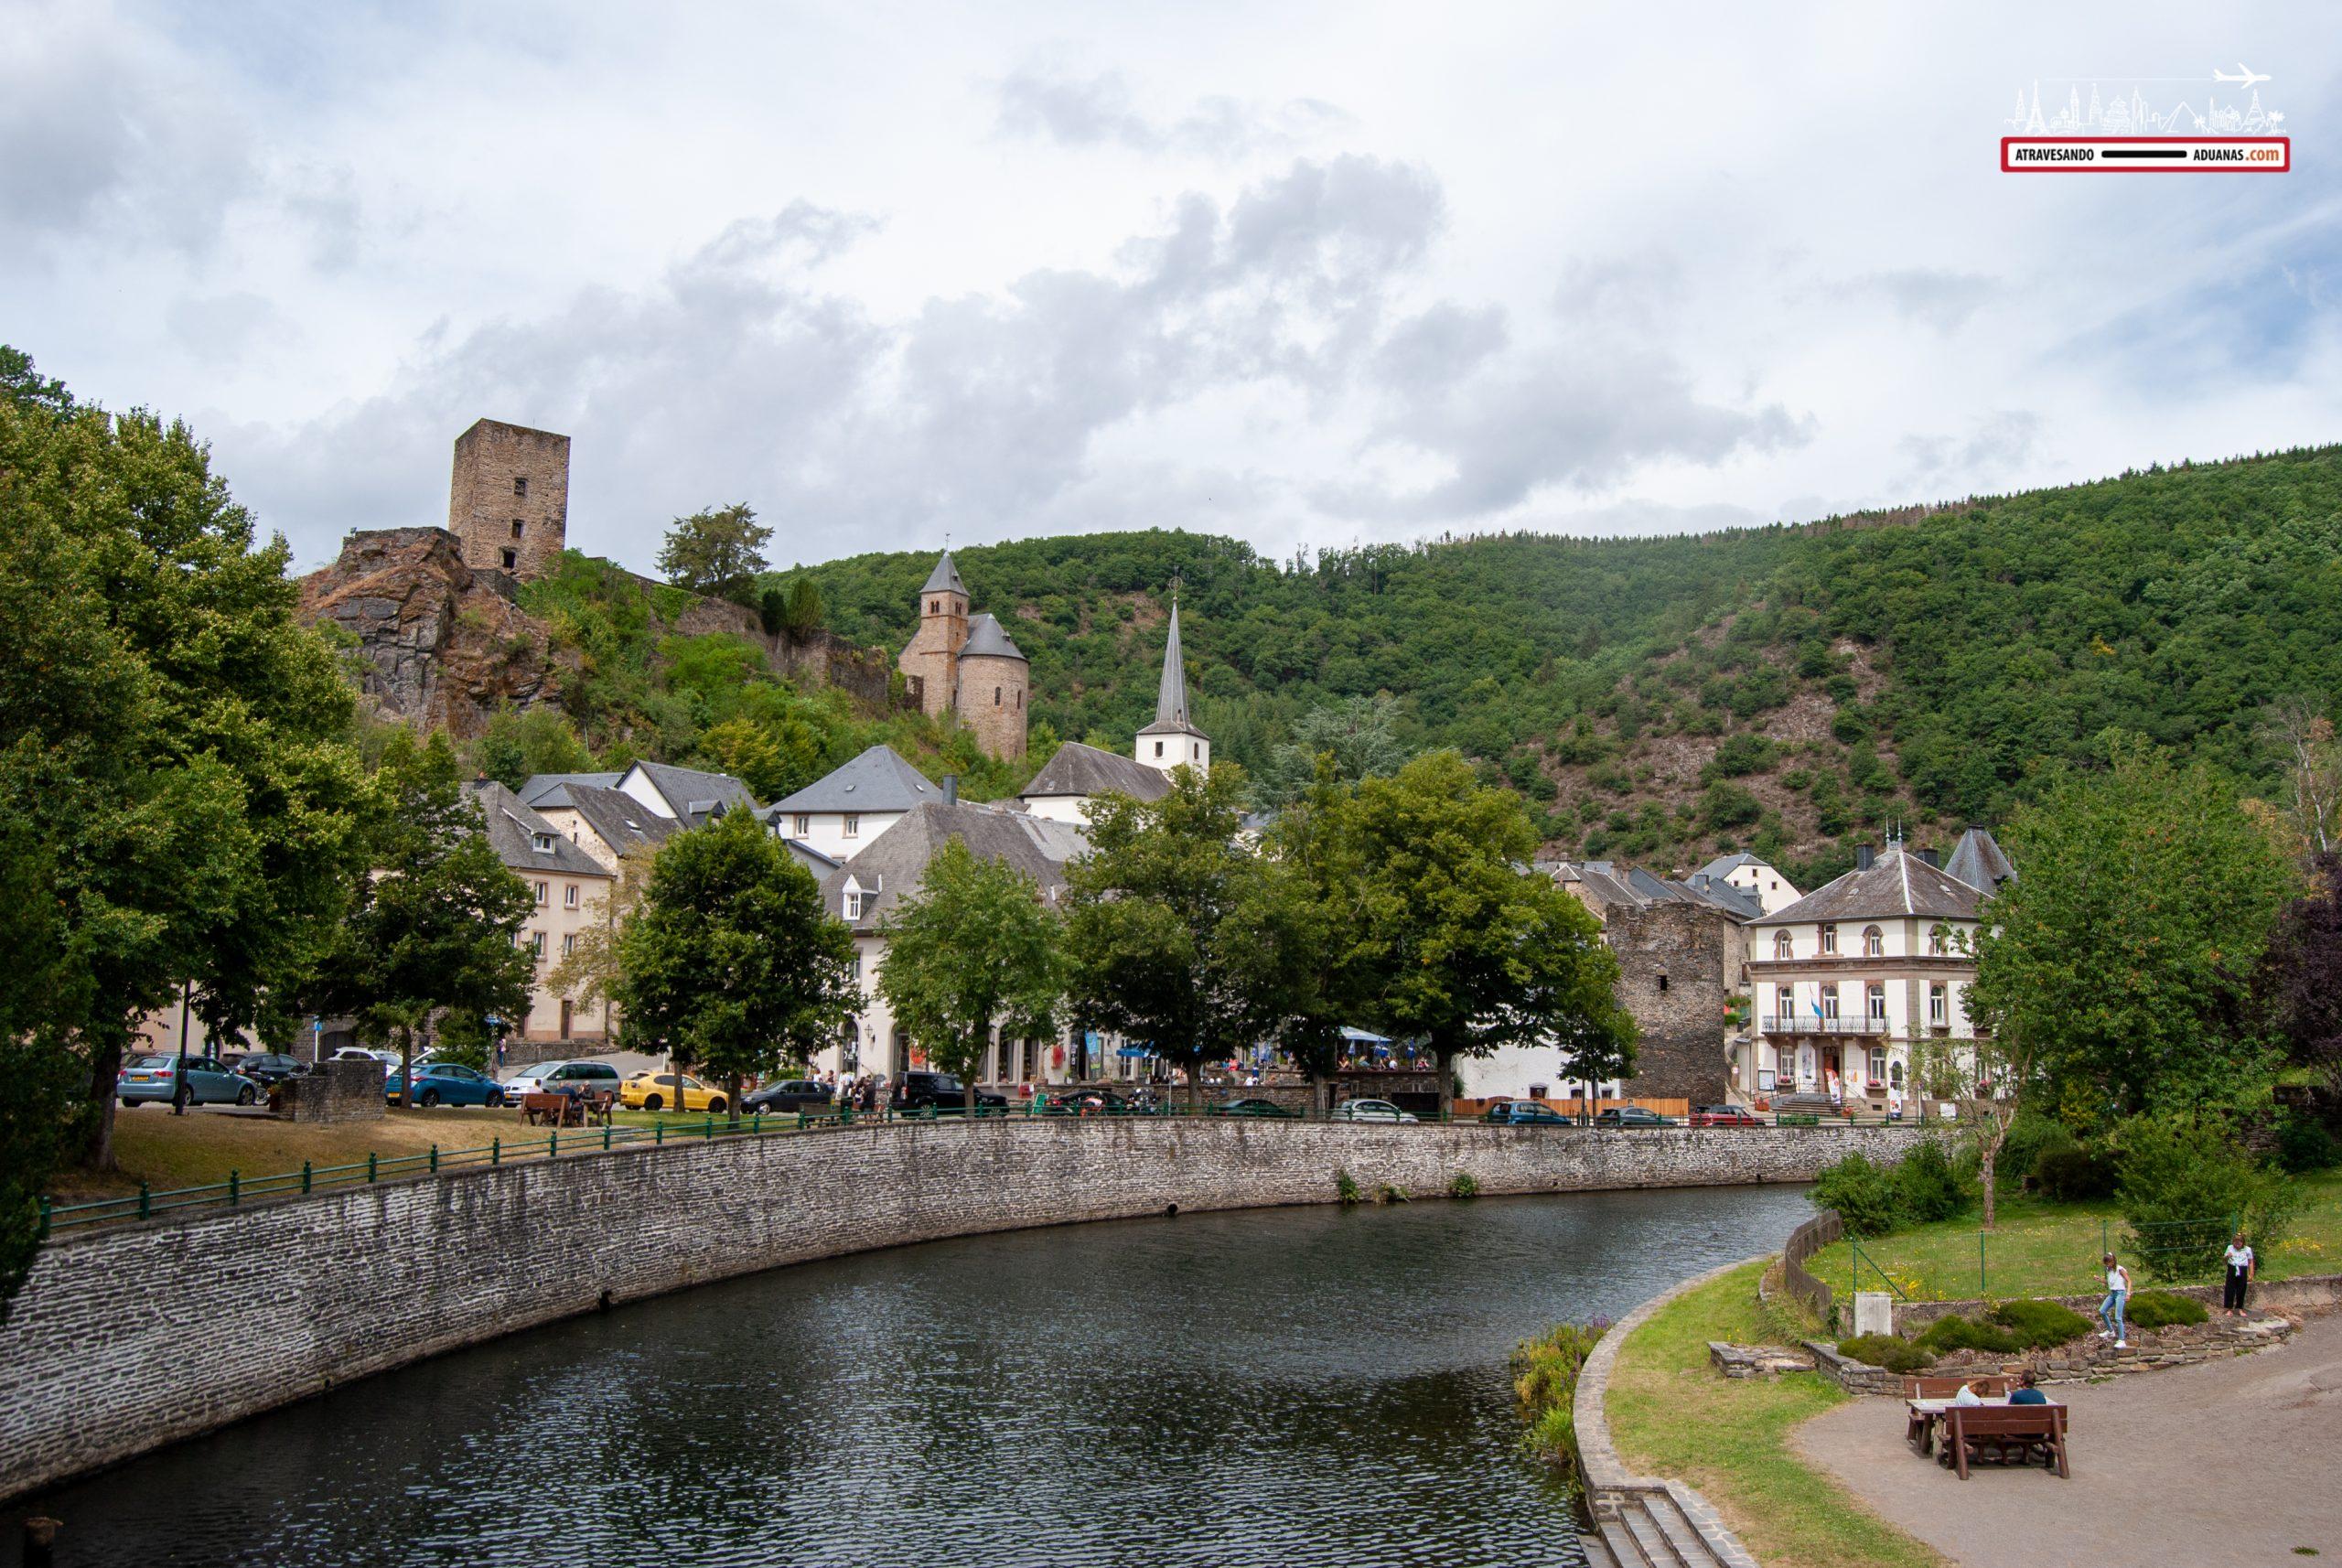 Esch-sur-Sûre, Luxemburgo